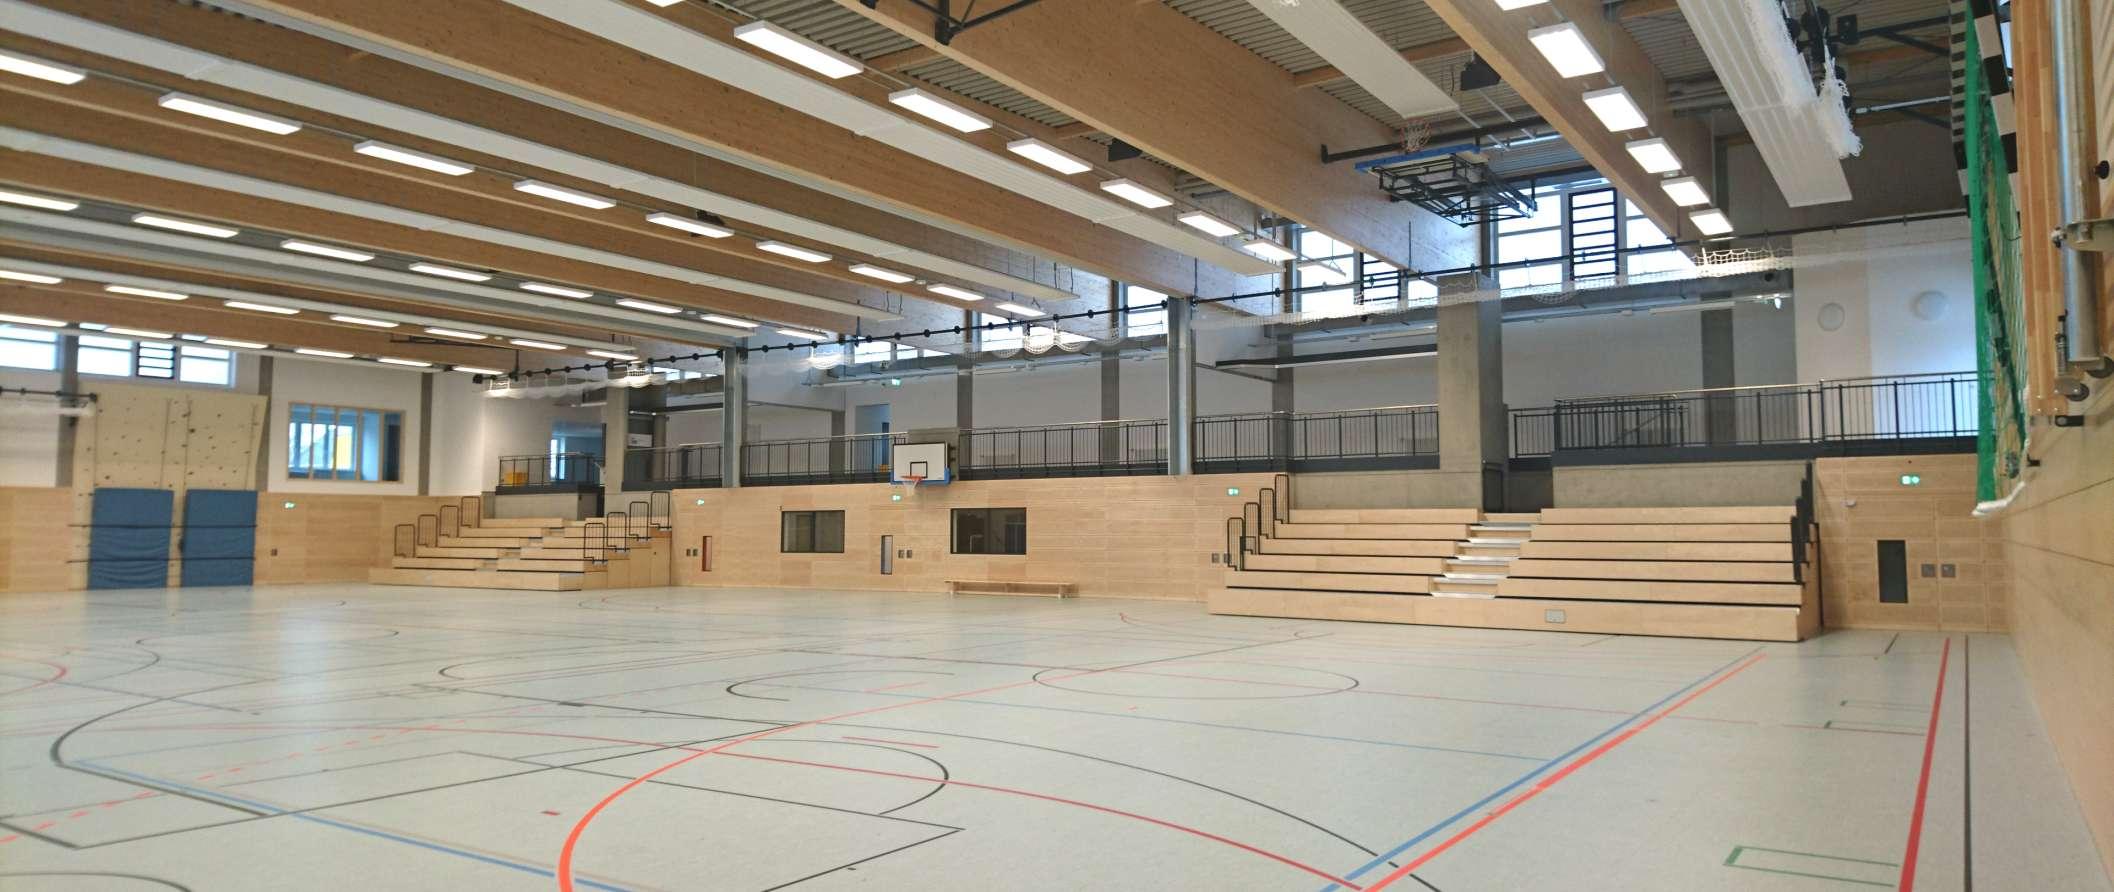 Dreifeld-Sporthalle | Innenansicht